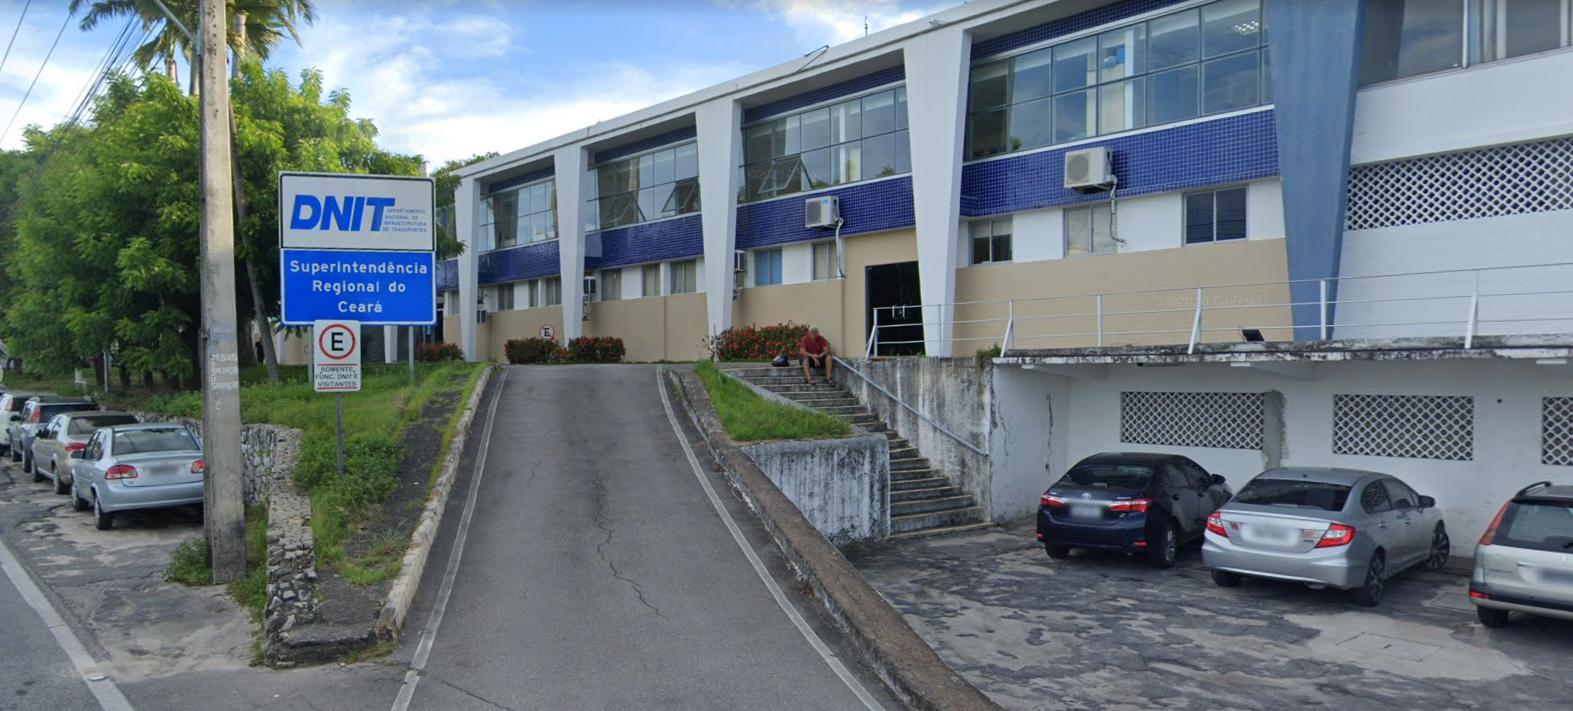 IMAGEM: Chefe do DNIT no Ceará é exonerada para acomodar deputado do Centrão